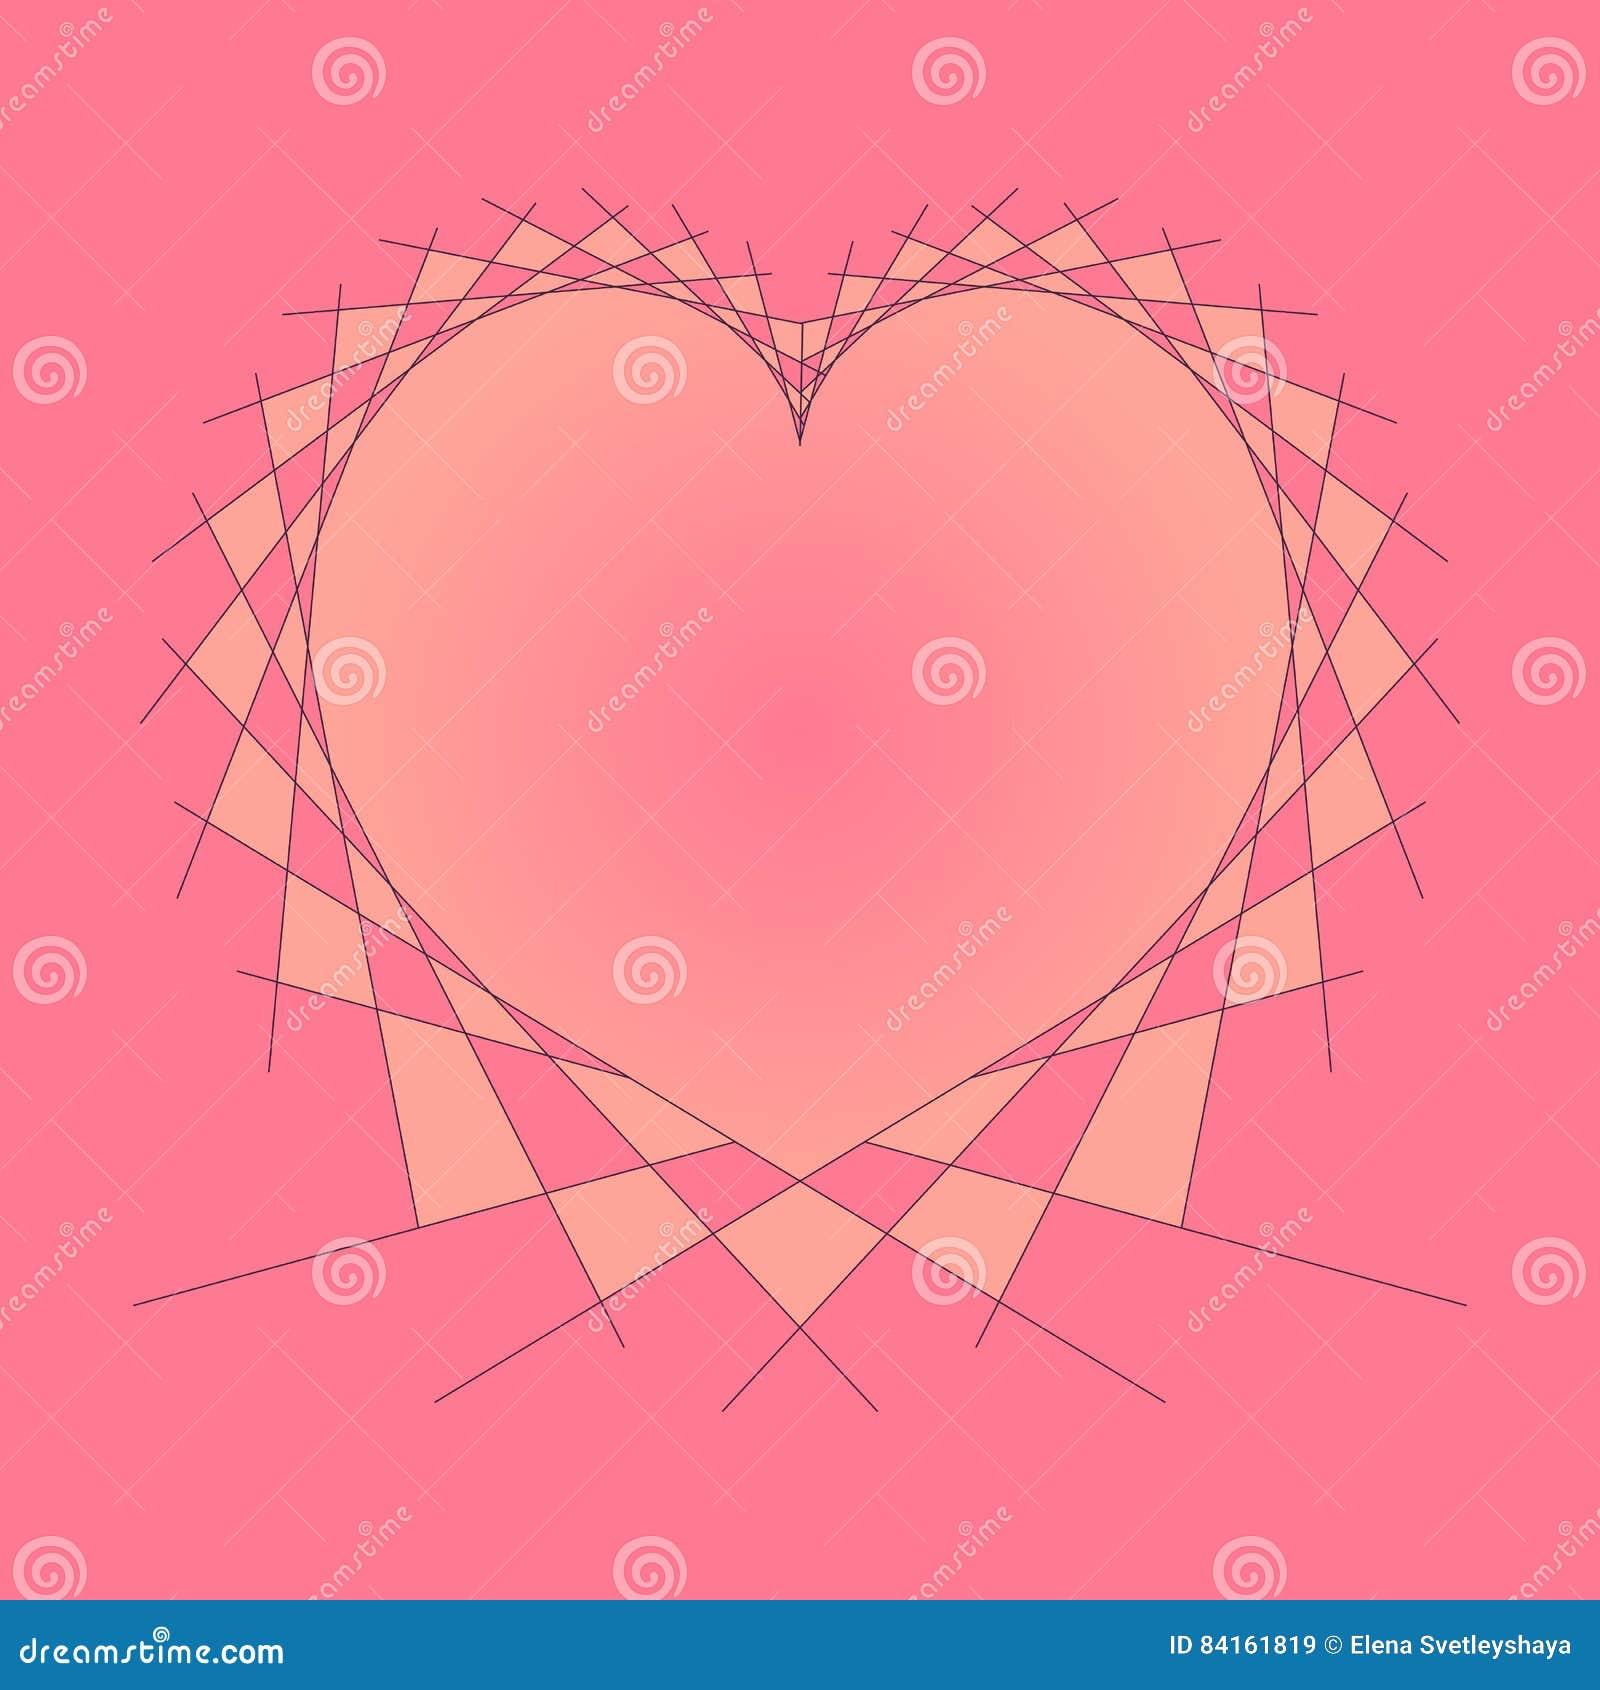 String Art Heart Design